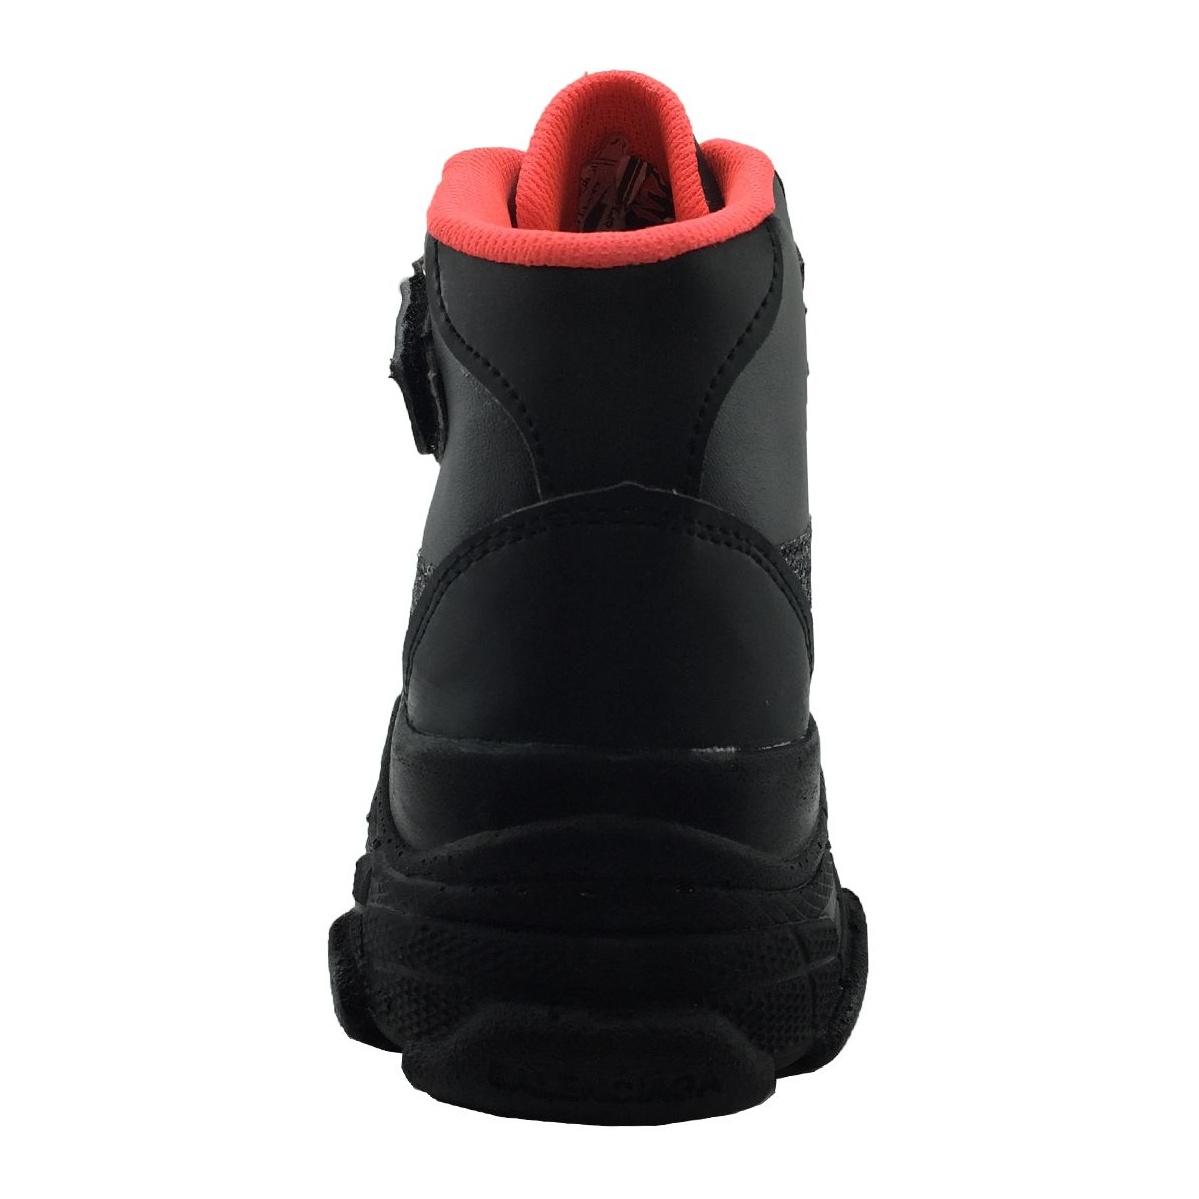 کفش مخصوص پیاده روی نه مدل B167 رنگ مشکی